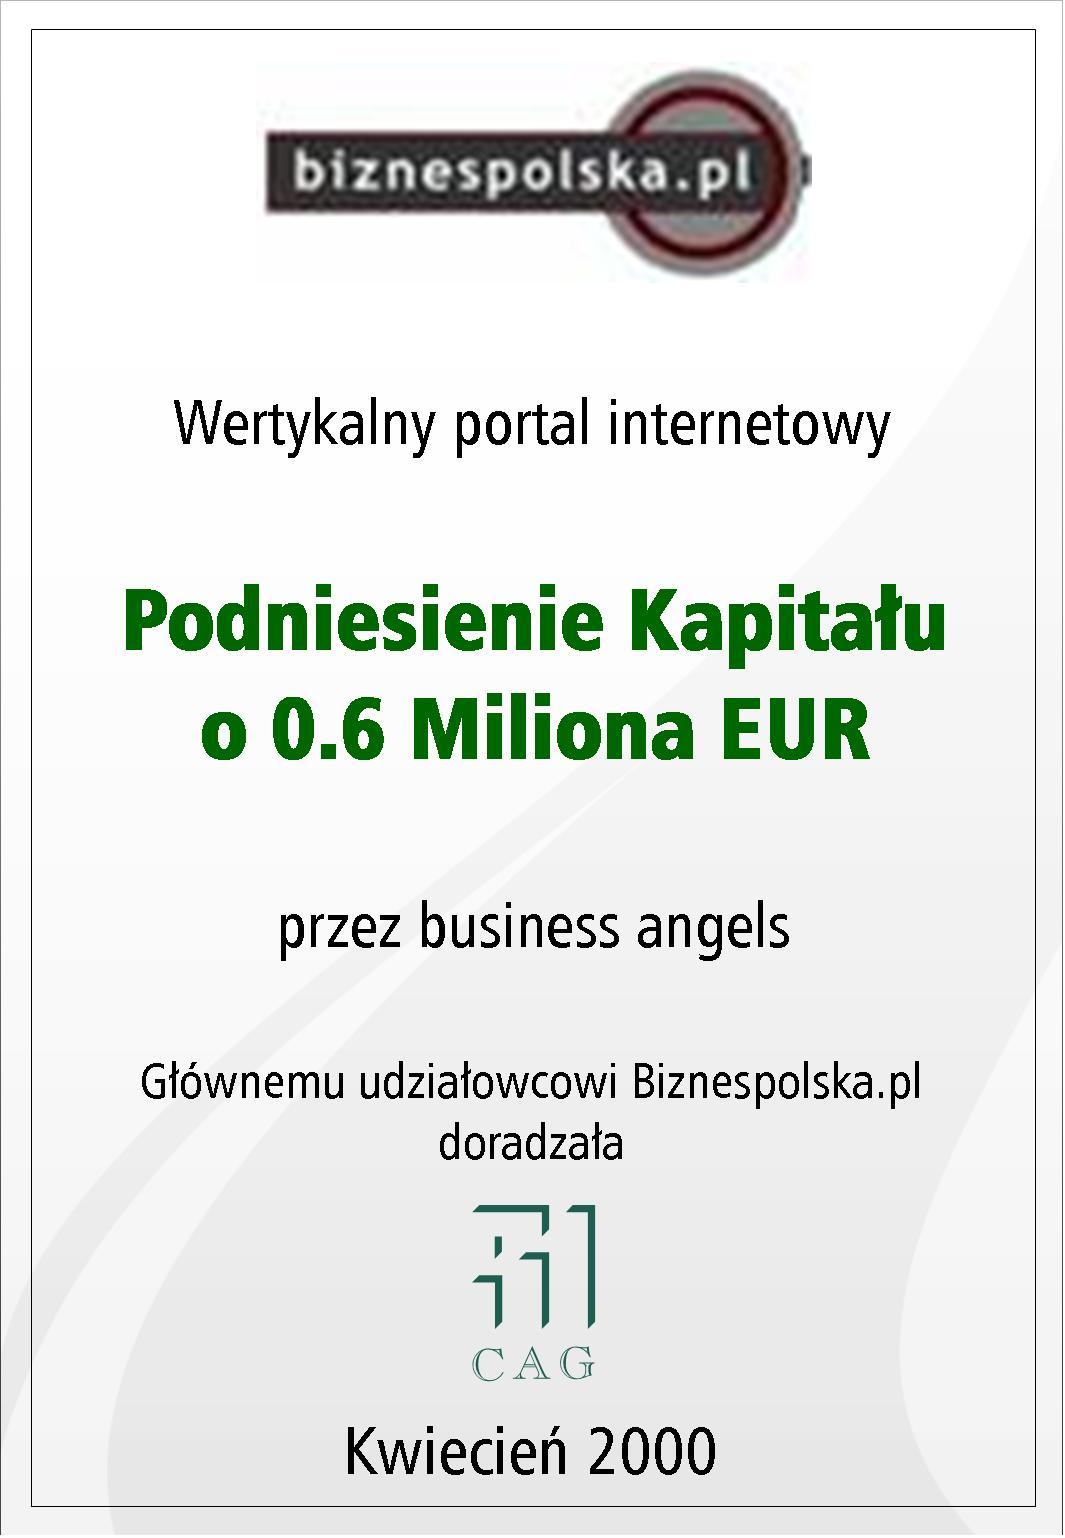 Biznespolska.pl